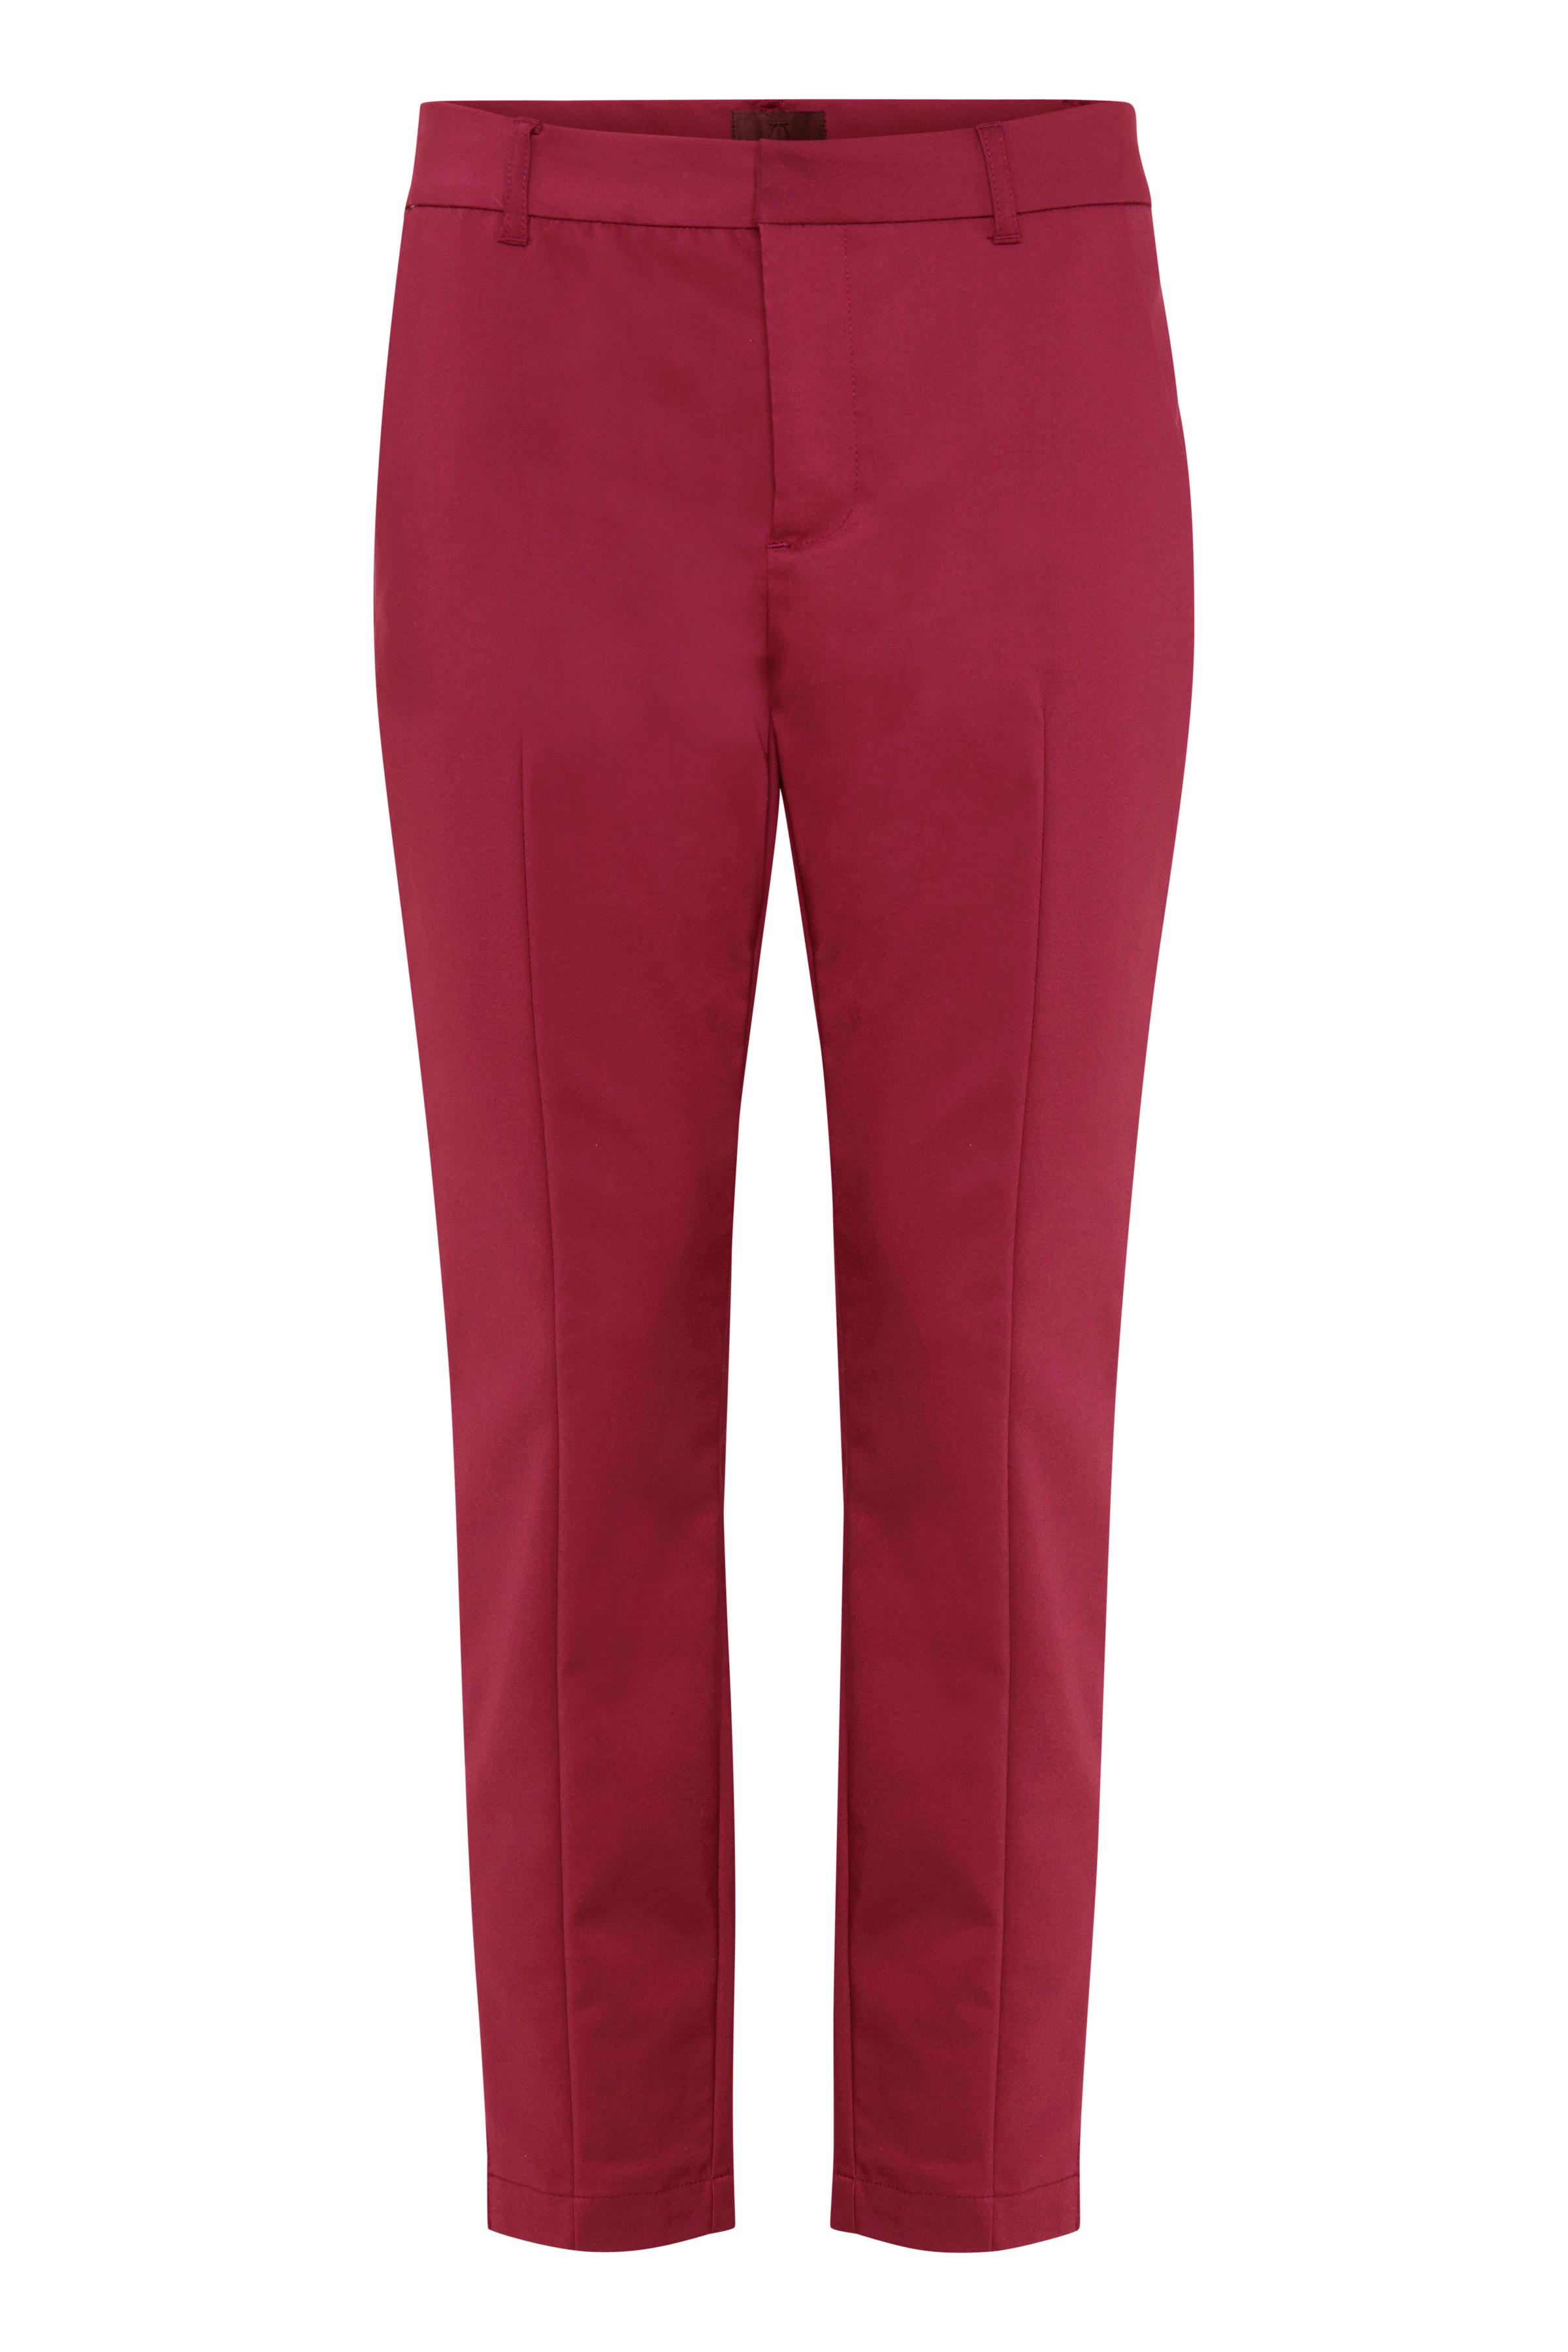 Mörkröd Casual byxor från Pulz Jeans – Köp Mörkröd Casual byxor från stl. 32-46 här